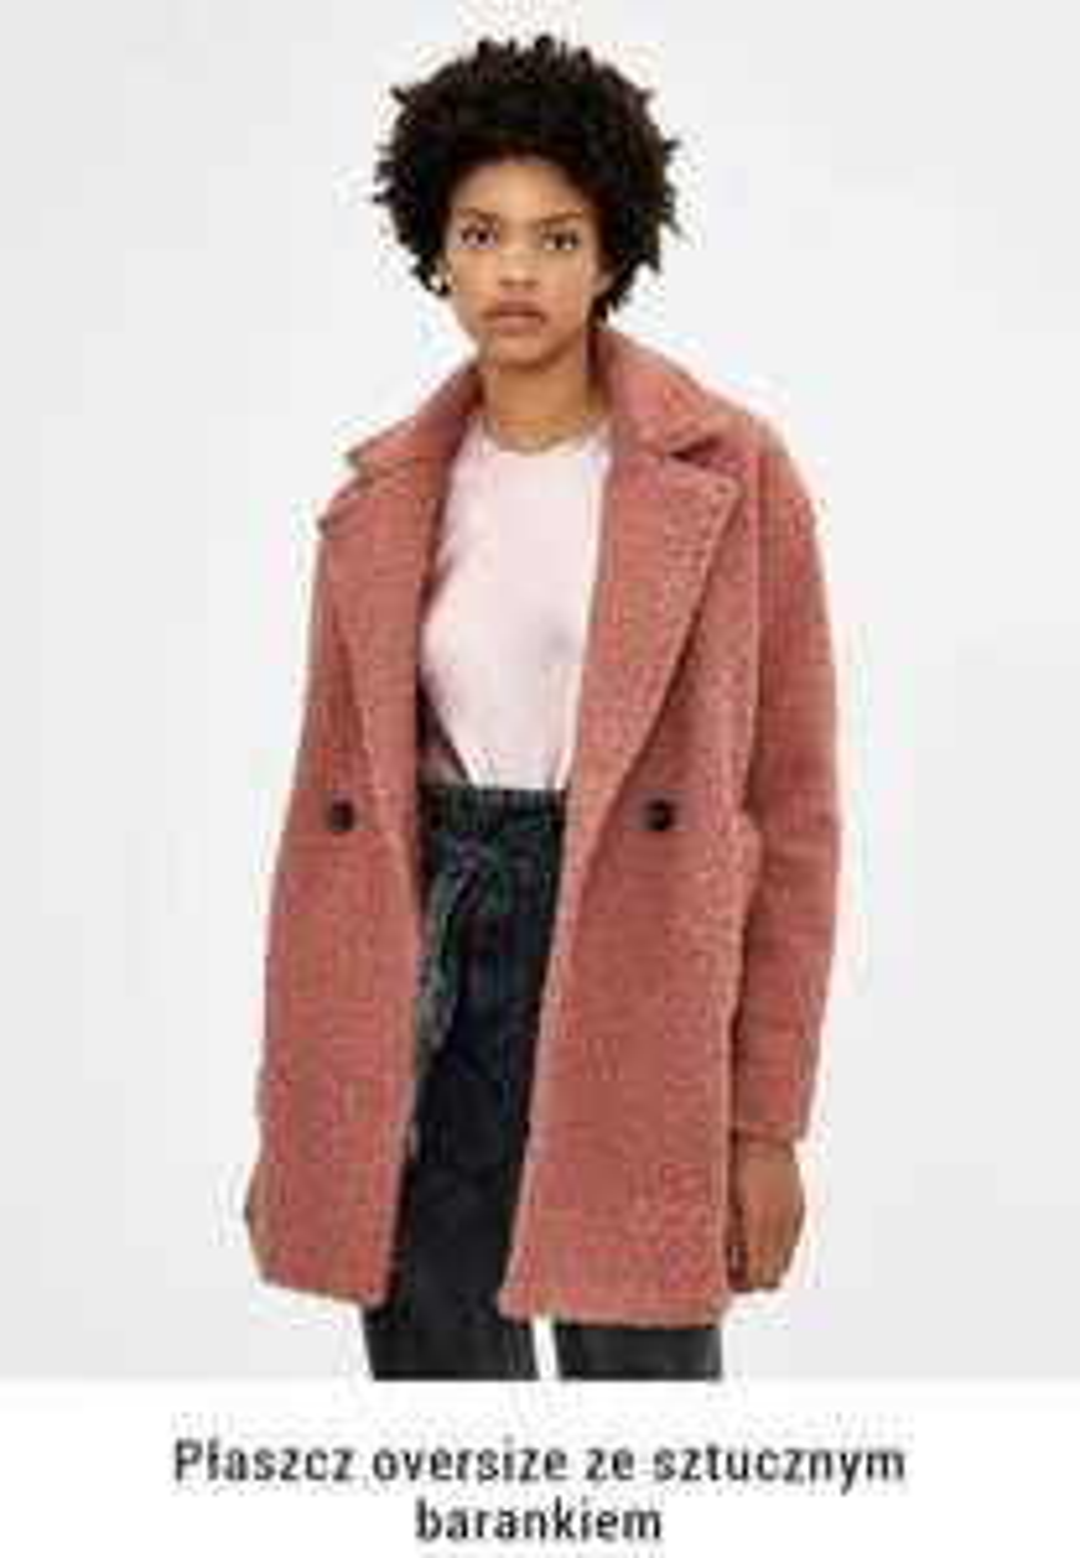 Bershka Damski płaszcz oversize ze sztucznym barankiem